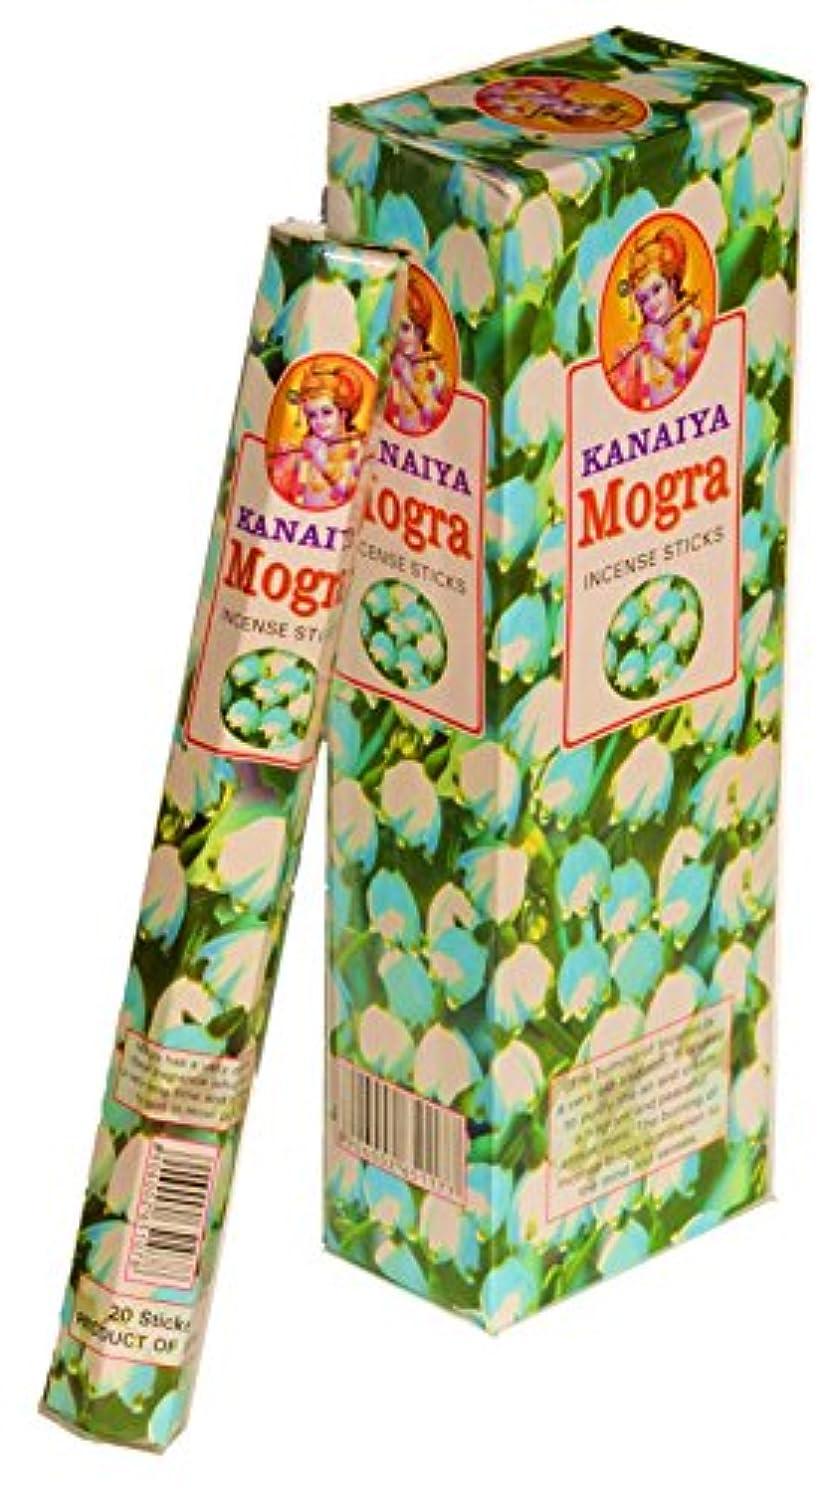 気まぐれな舞い上がる望遠鏡Arabianジャスミンフラワー( Mogra ) Incense Sticksインドから – 120 Sticks – madeからNatural Scented Oil – Kanaiyaブランドby tikkalife